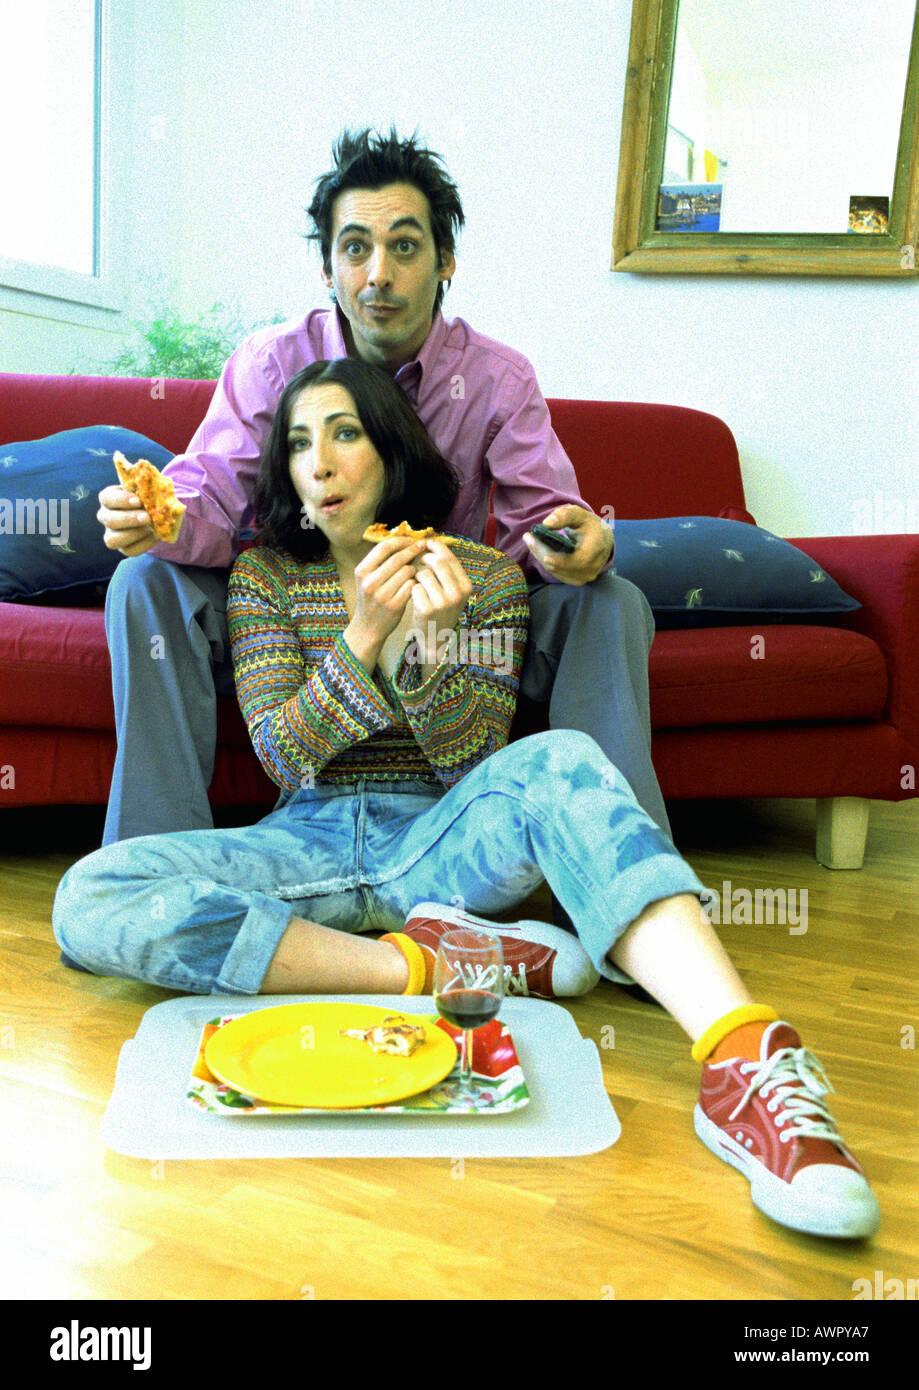 Mann sitzt auf dem Sofa, Frau sitzt am Boden zwischen den Beinen des Mannes. Stockfoto